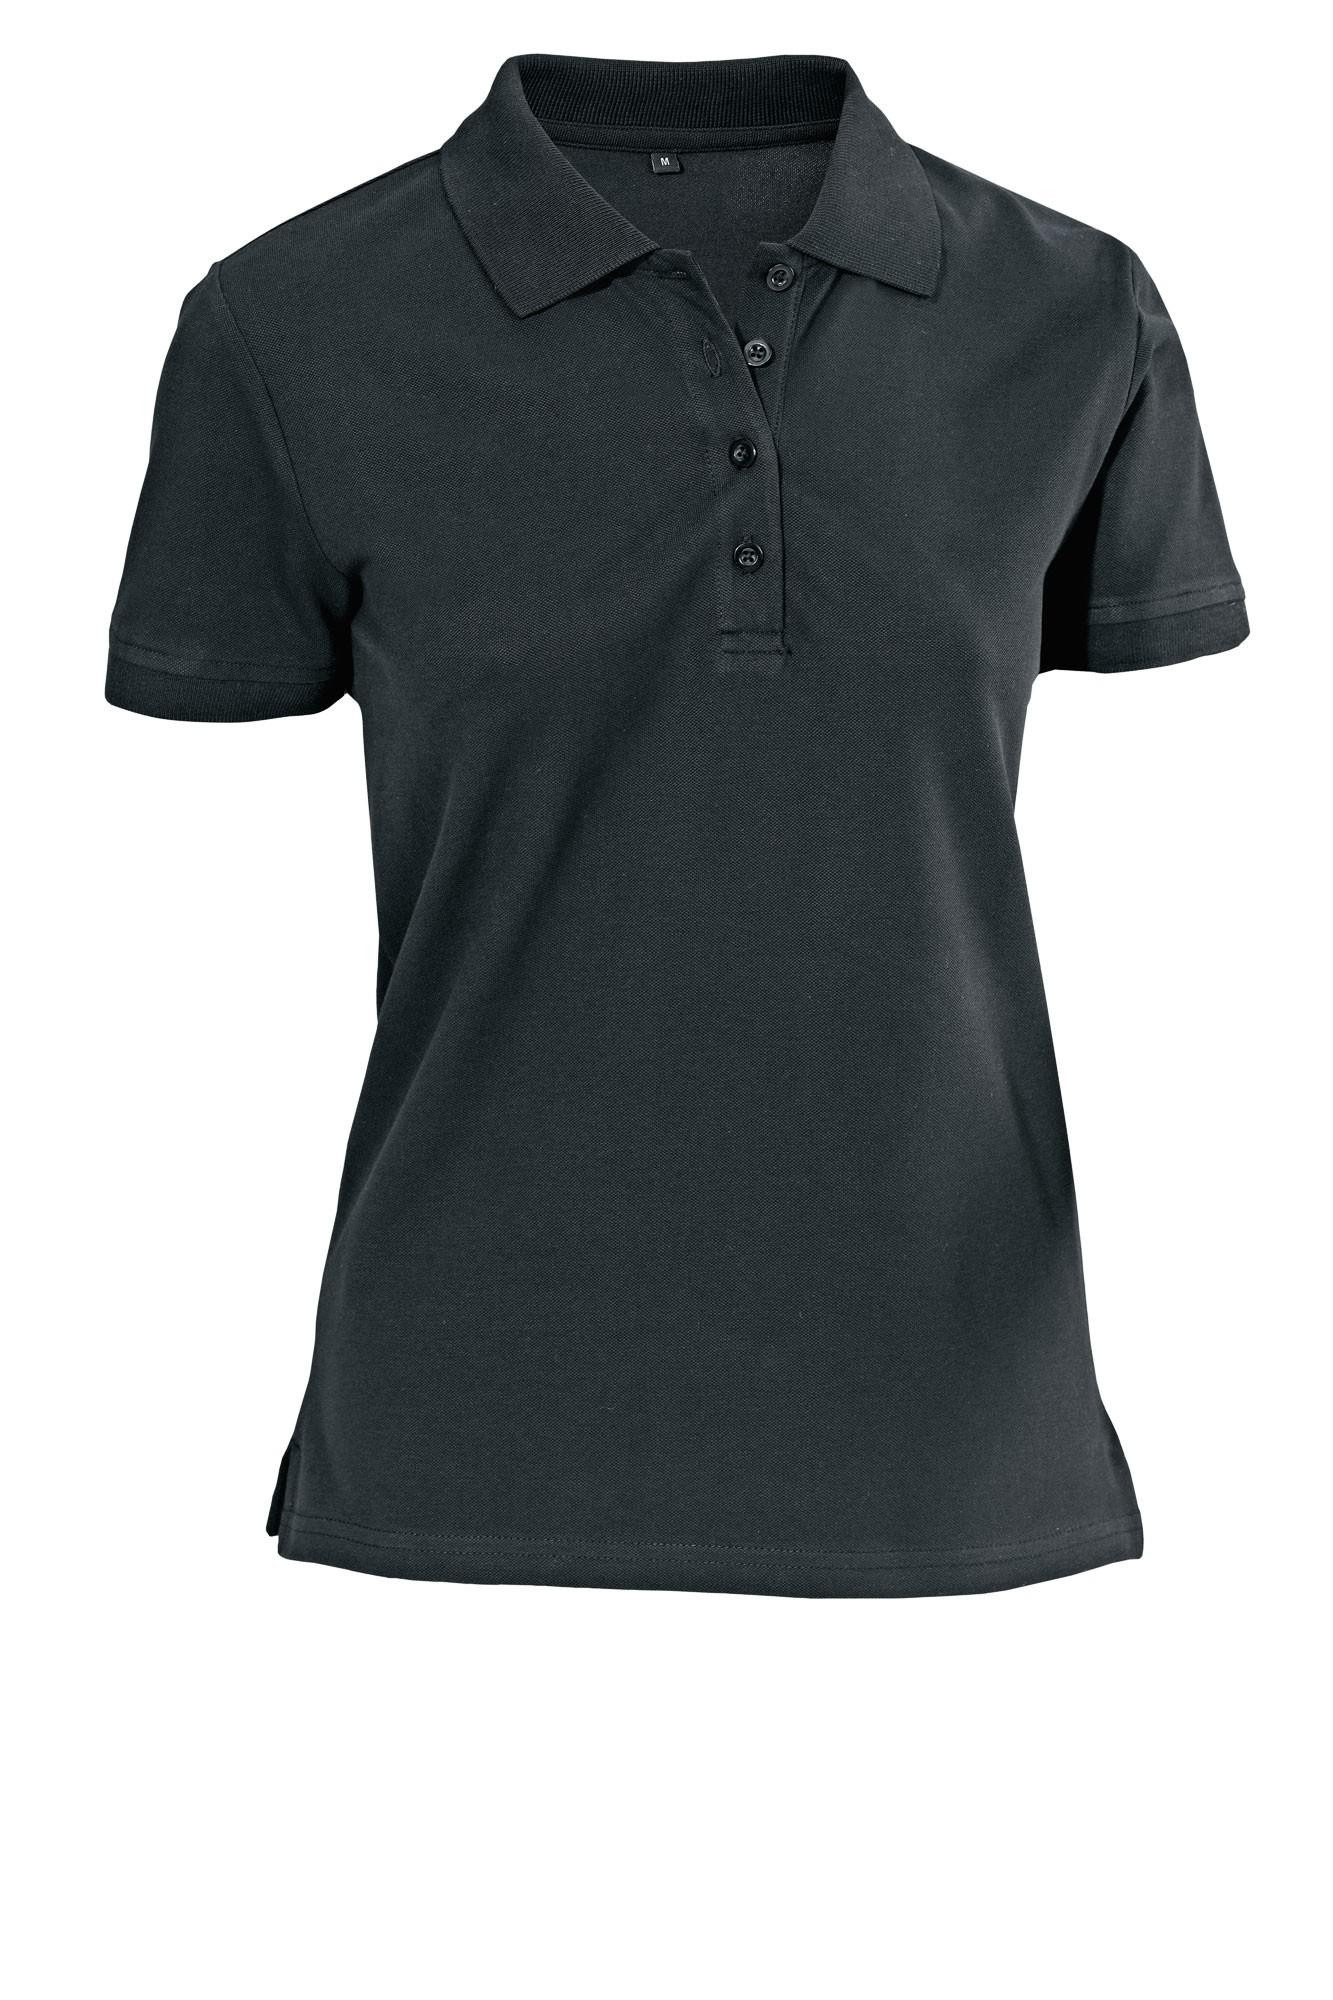 Dámské tričko Cato - černá/krátký rukáv